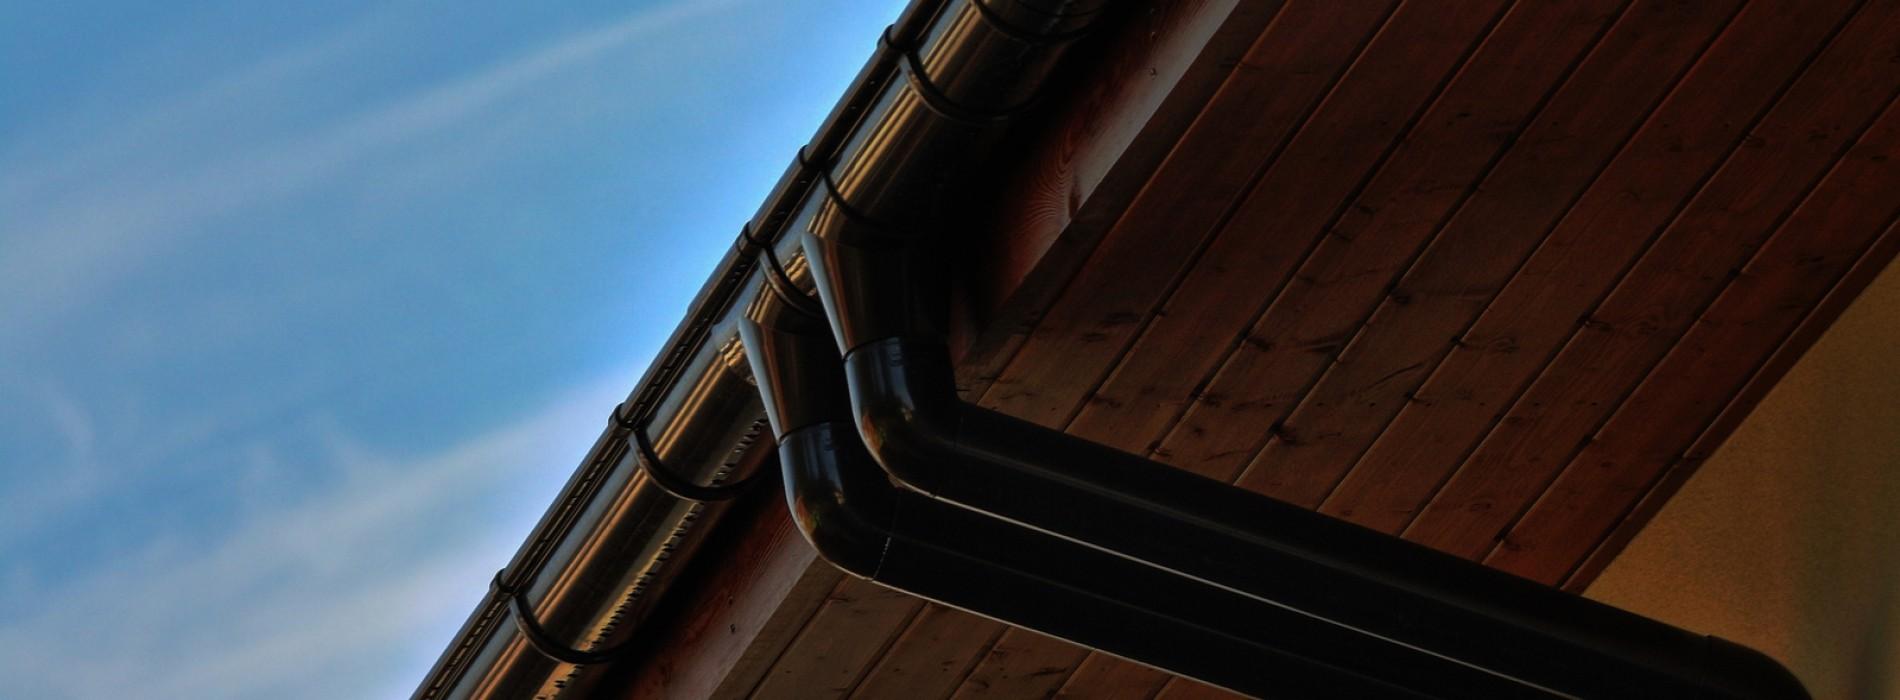 Przegląd materiałów na zabudowę okapu dachu